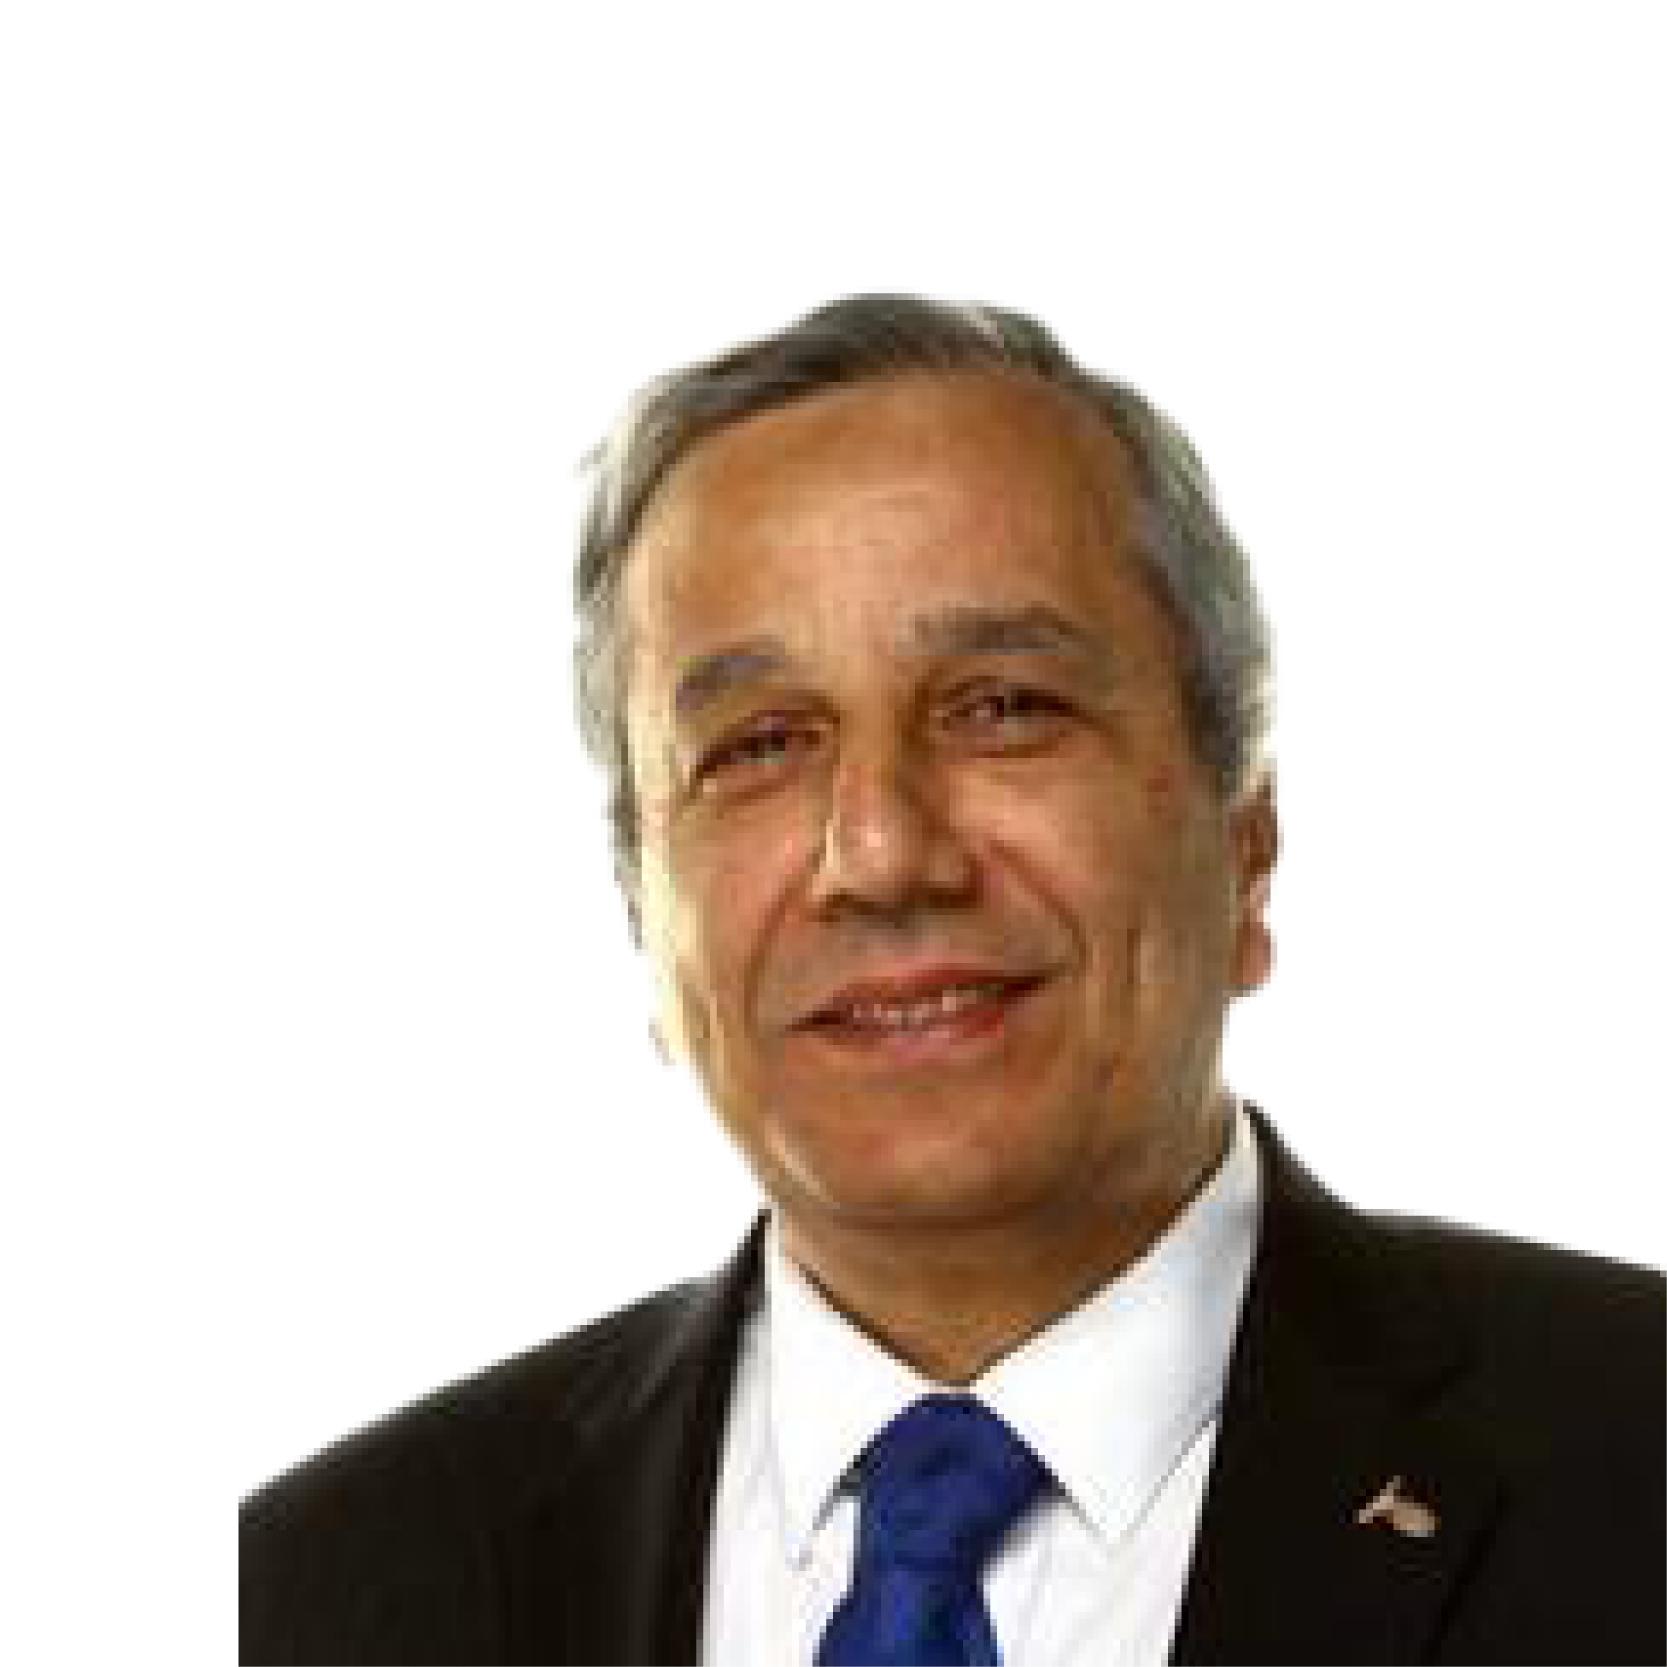 Hussein Saber